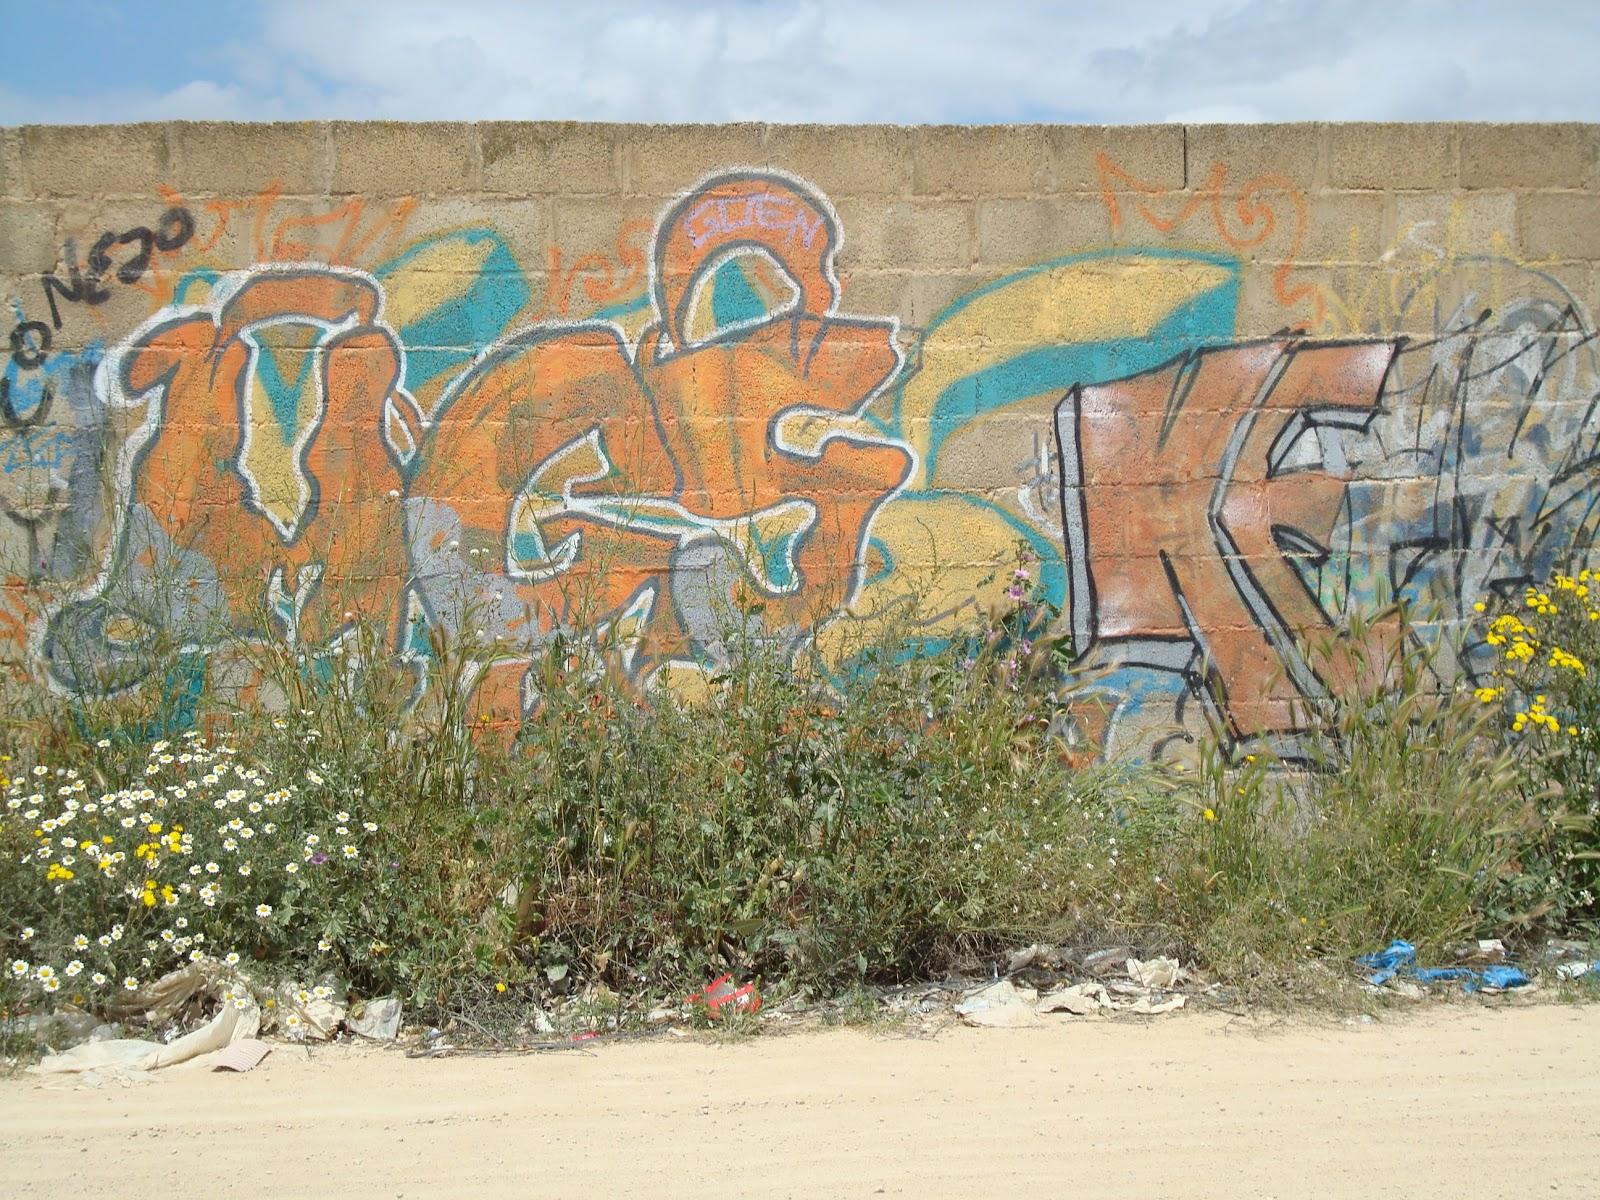 El blog de joaqu n medina graffitis arte callejero para for Piscina cubierta requena